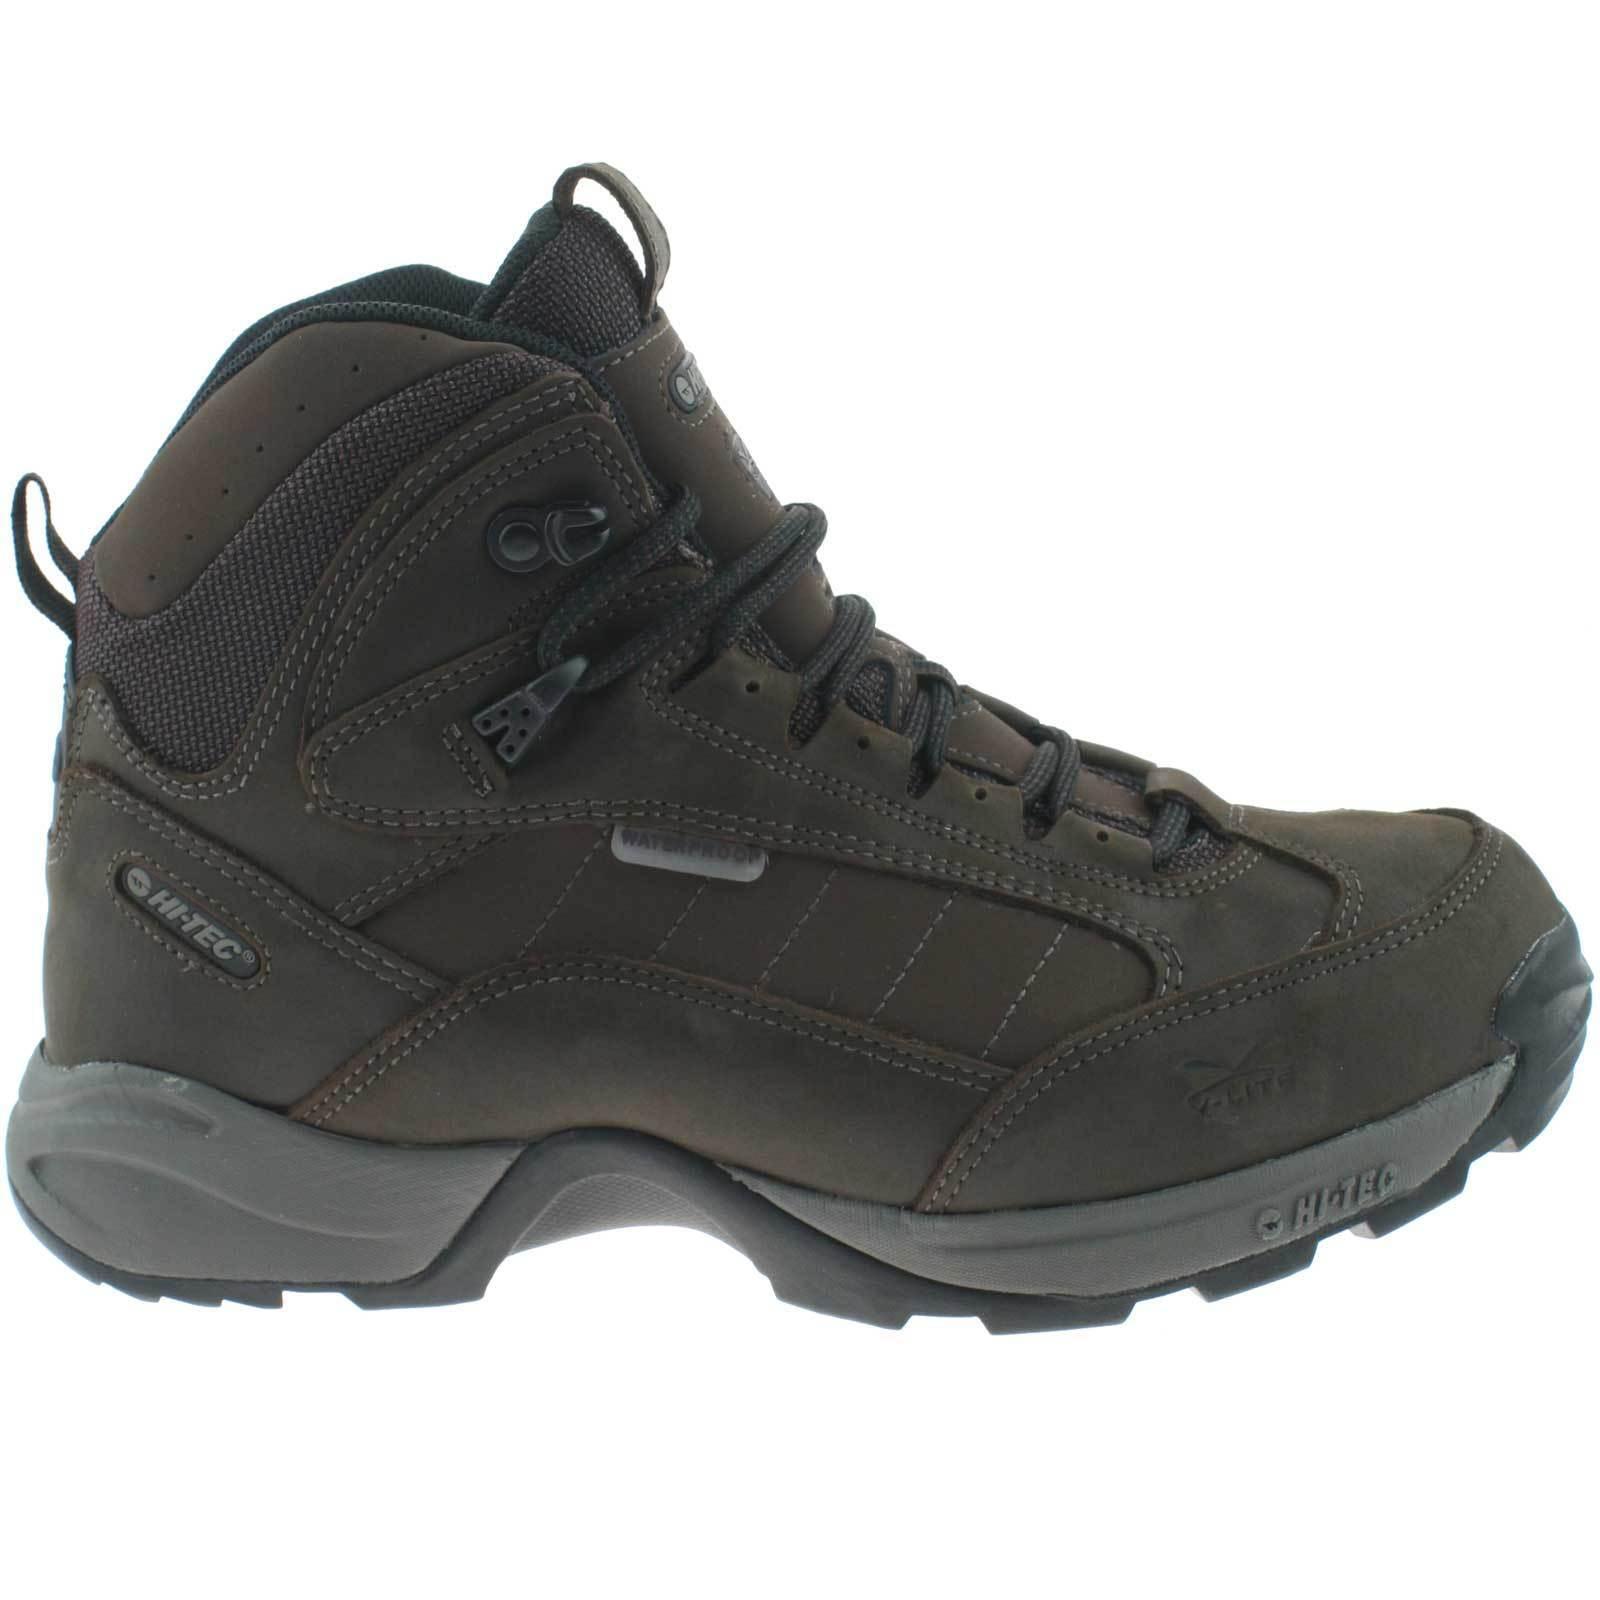 Uomo Hi-Tec Scarpe PASSEGGIO da trekking impermeabili taglia PASSEGGIO Scarpe 422ad1